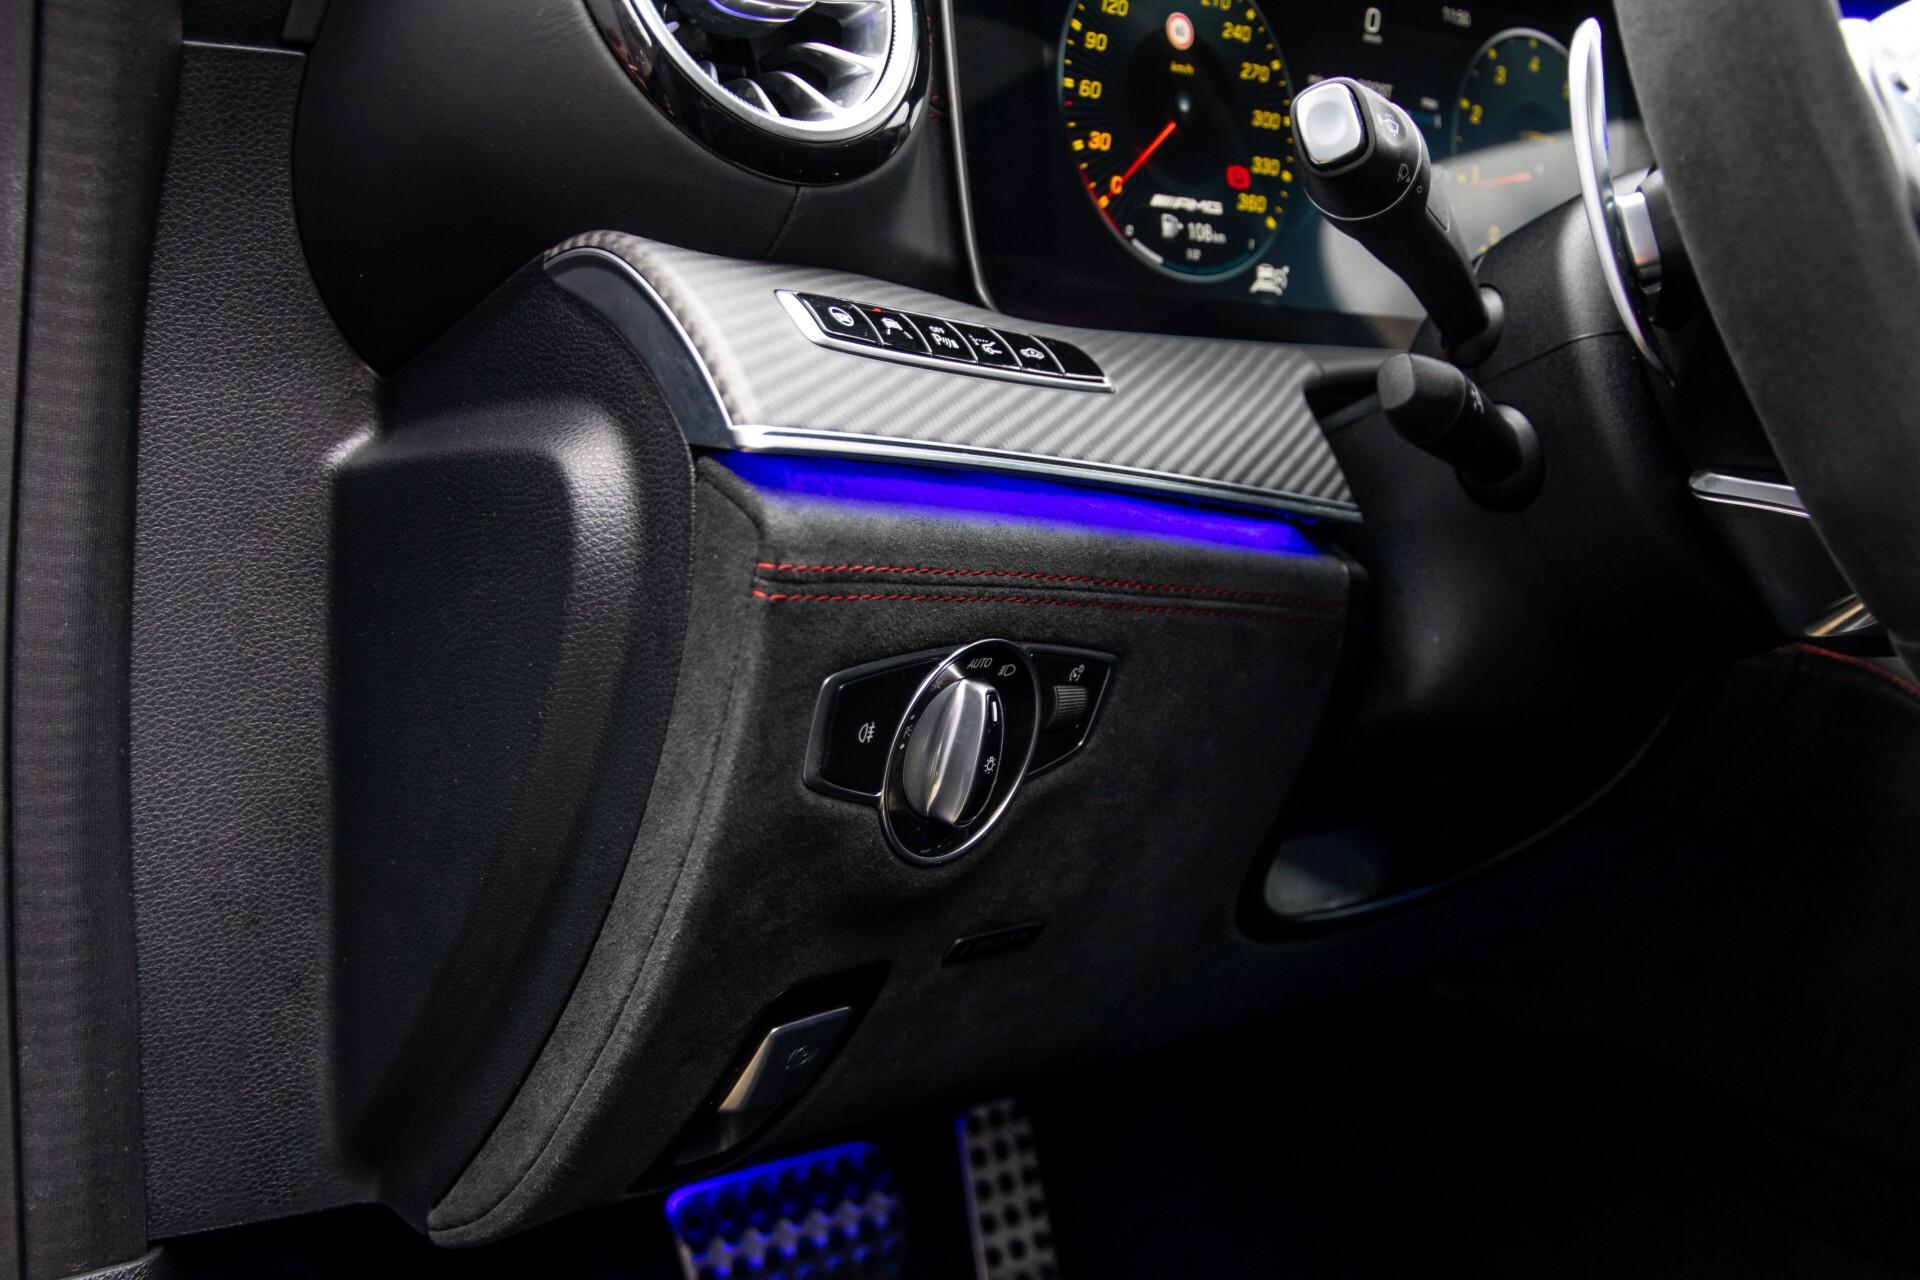 Mercedes-Benz AMG GT 4-Door Coupe 63 S 4M+ Keramisch/Full Carbon/Aerodynamica/Burmester 3D/TV/Performance stoelen/Standkachel Aut9 Foto 34